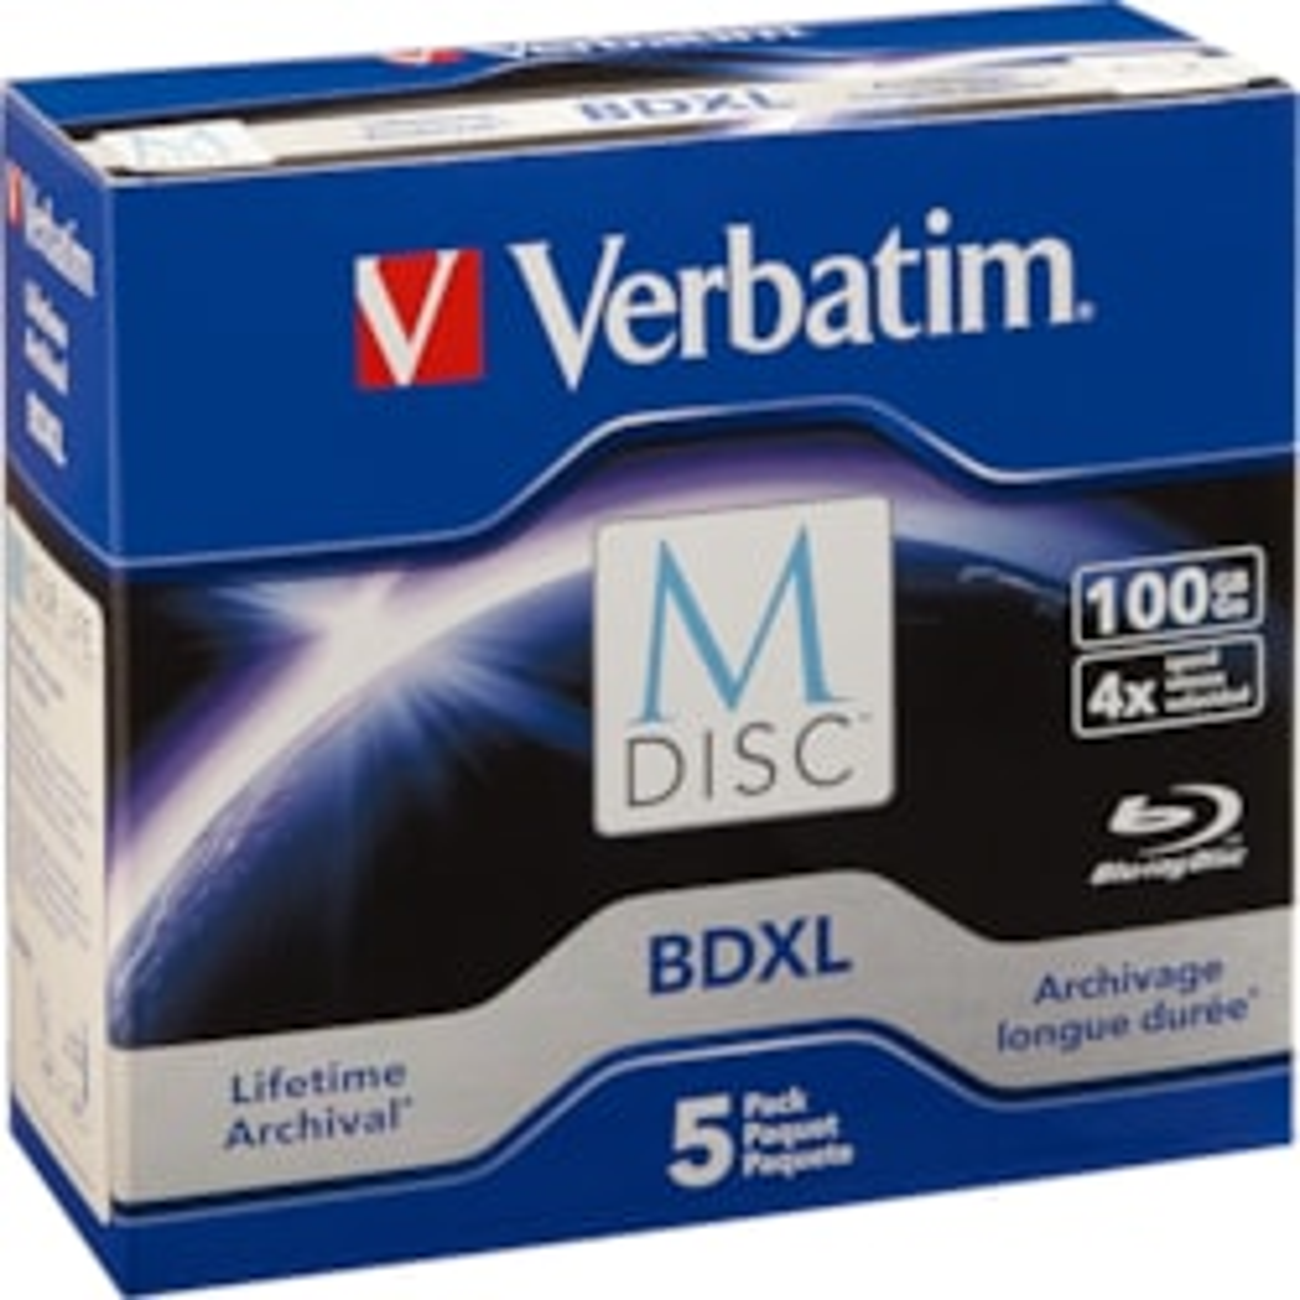 Verbatim Blu-ray Recordable Media - BD-R XL - 4x - 100 GB - 5 Pack Jewel Case